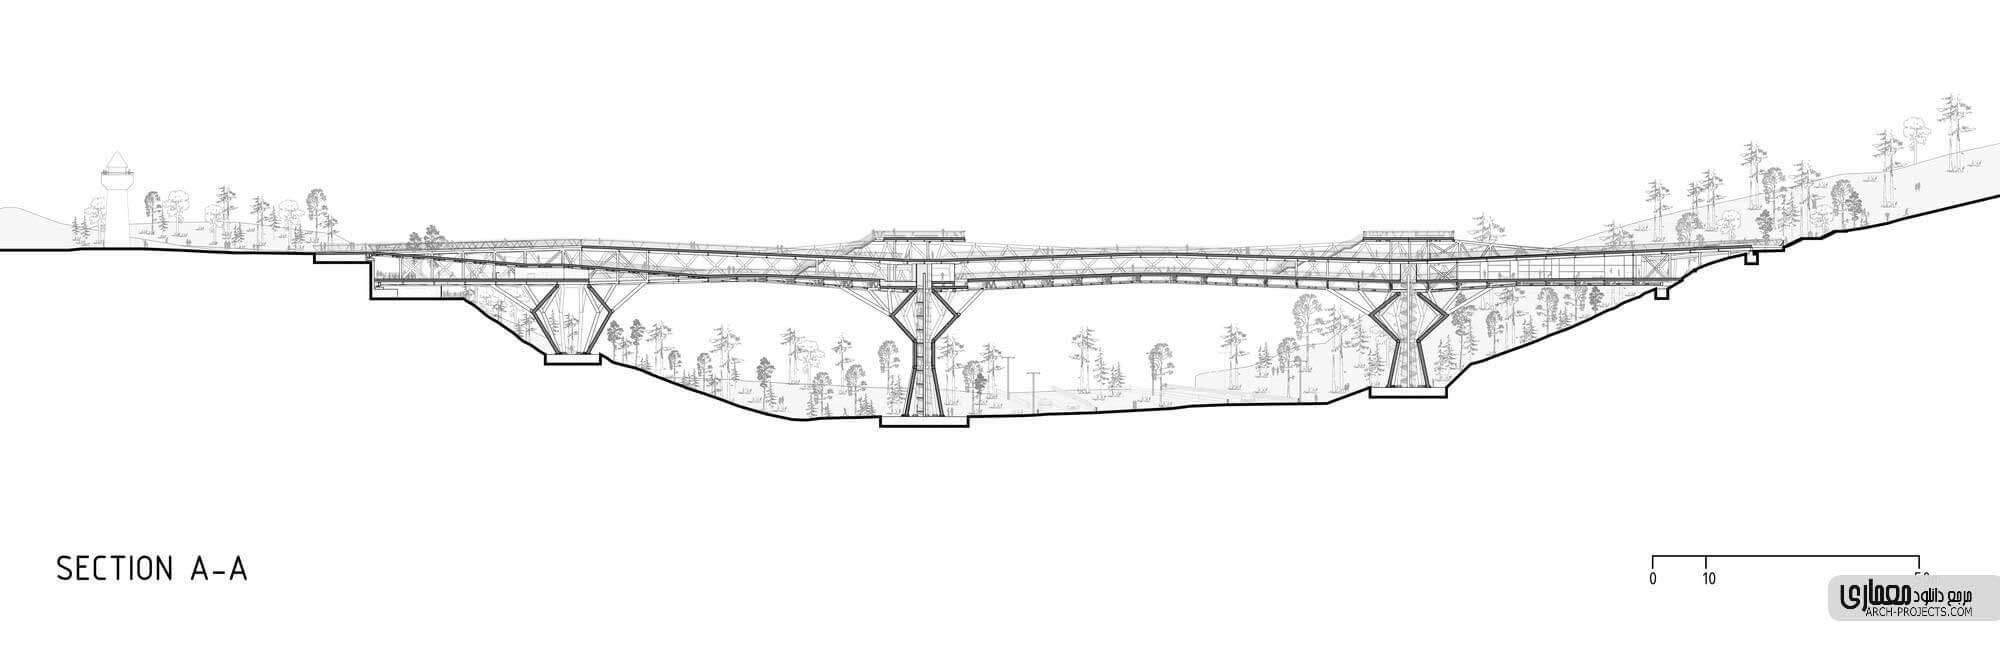 نمونه طراحی پل